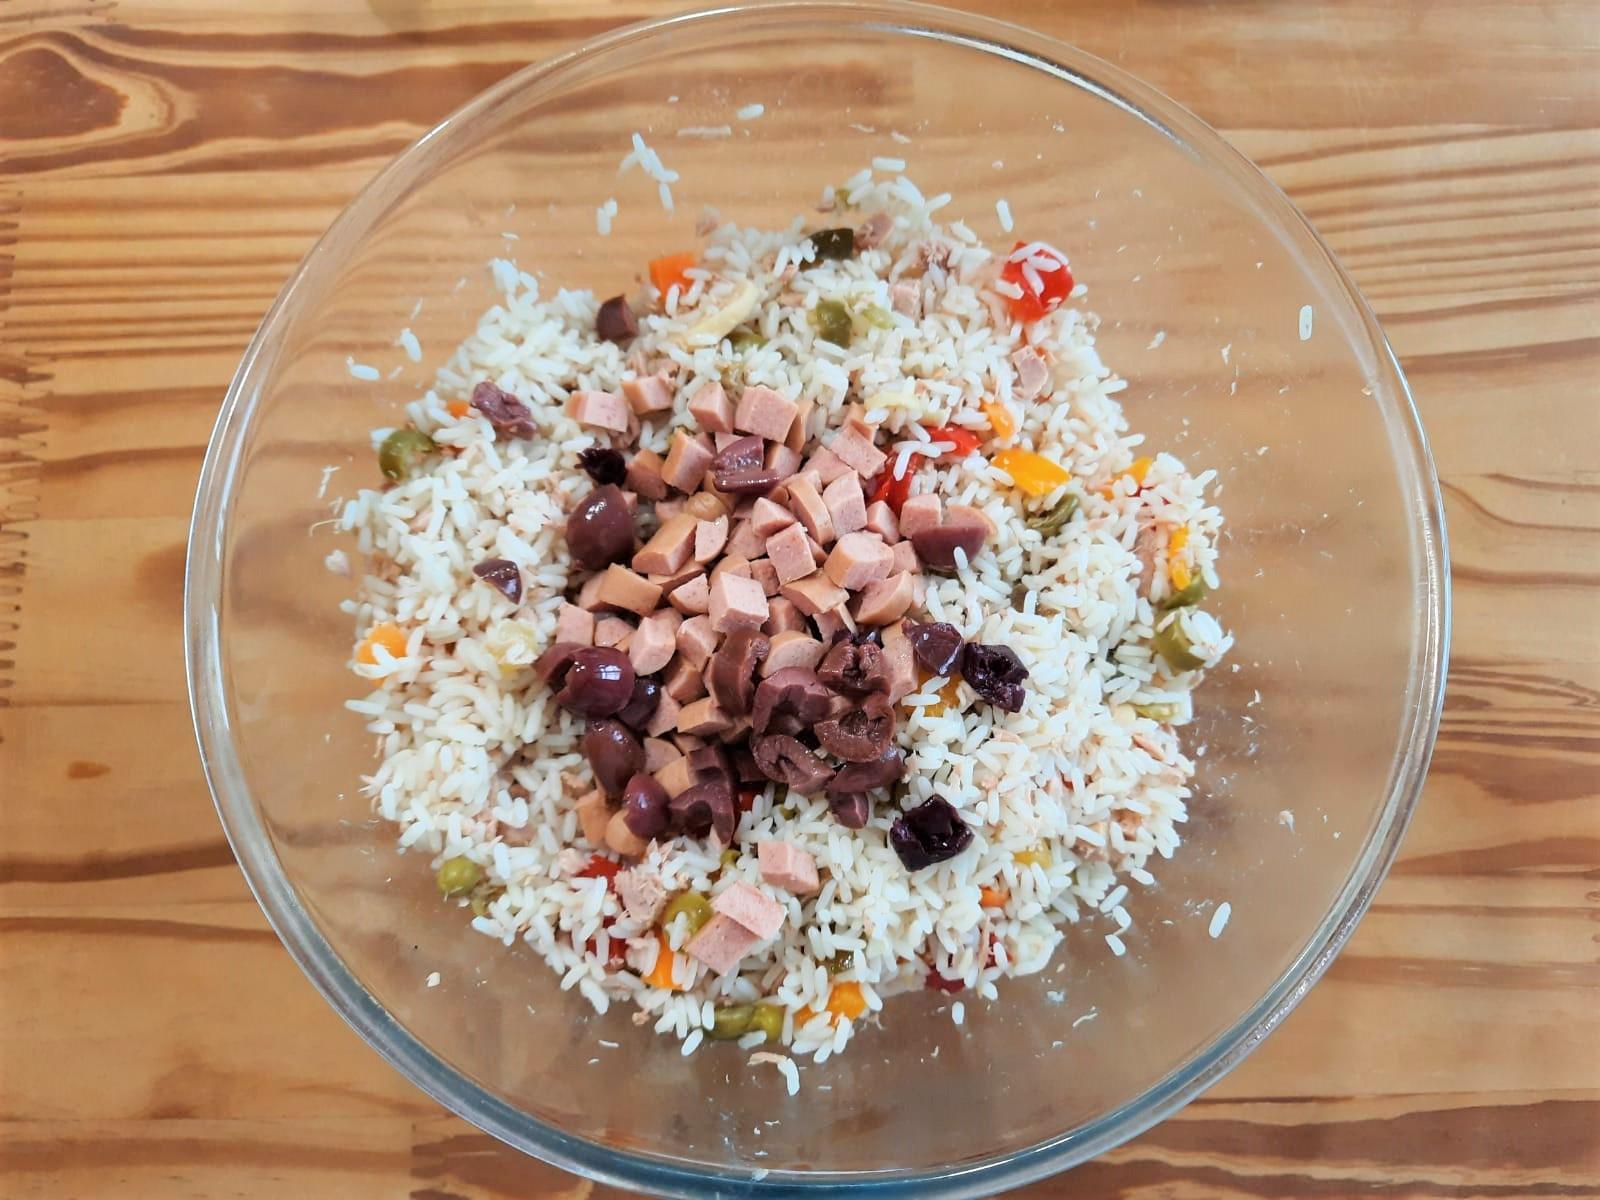 Insalata di riso classica senza maionese